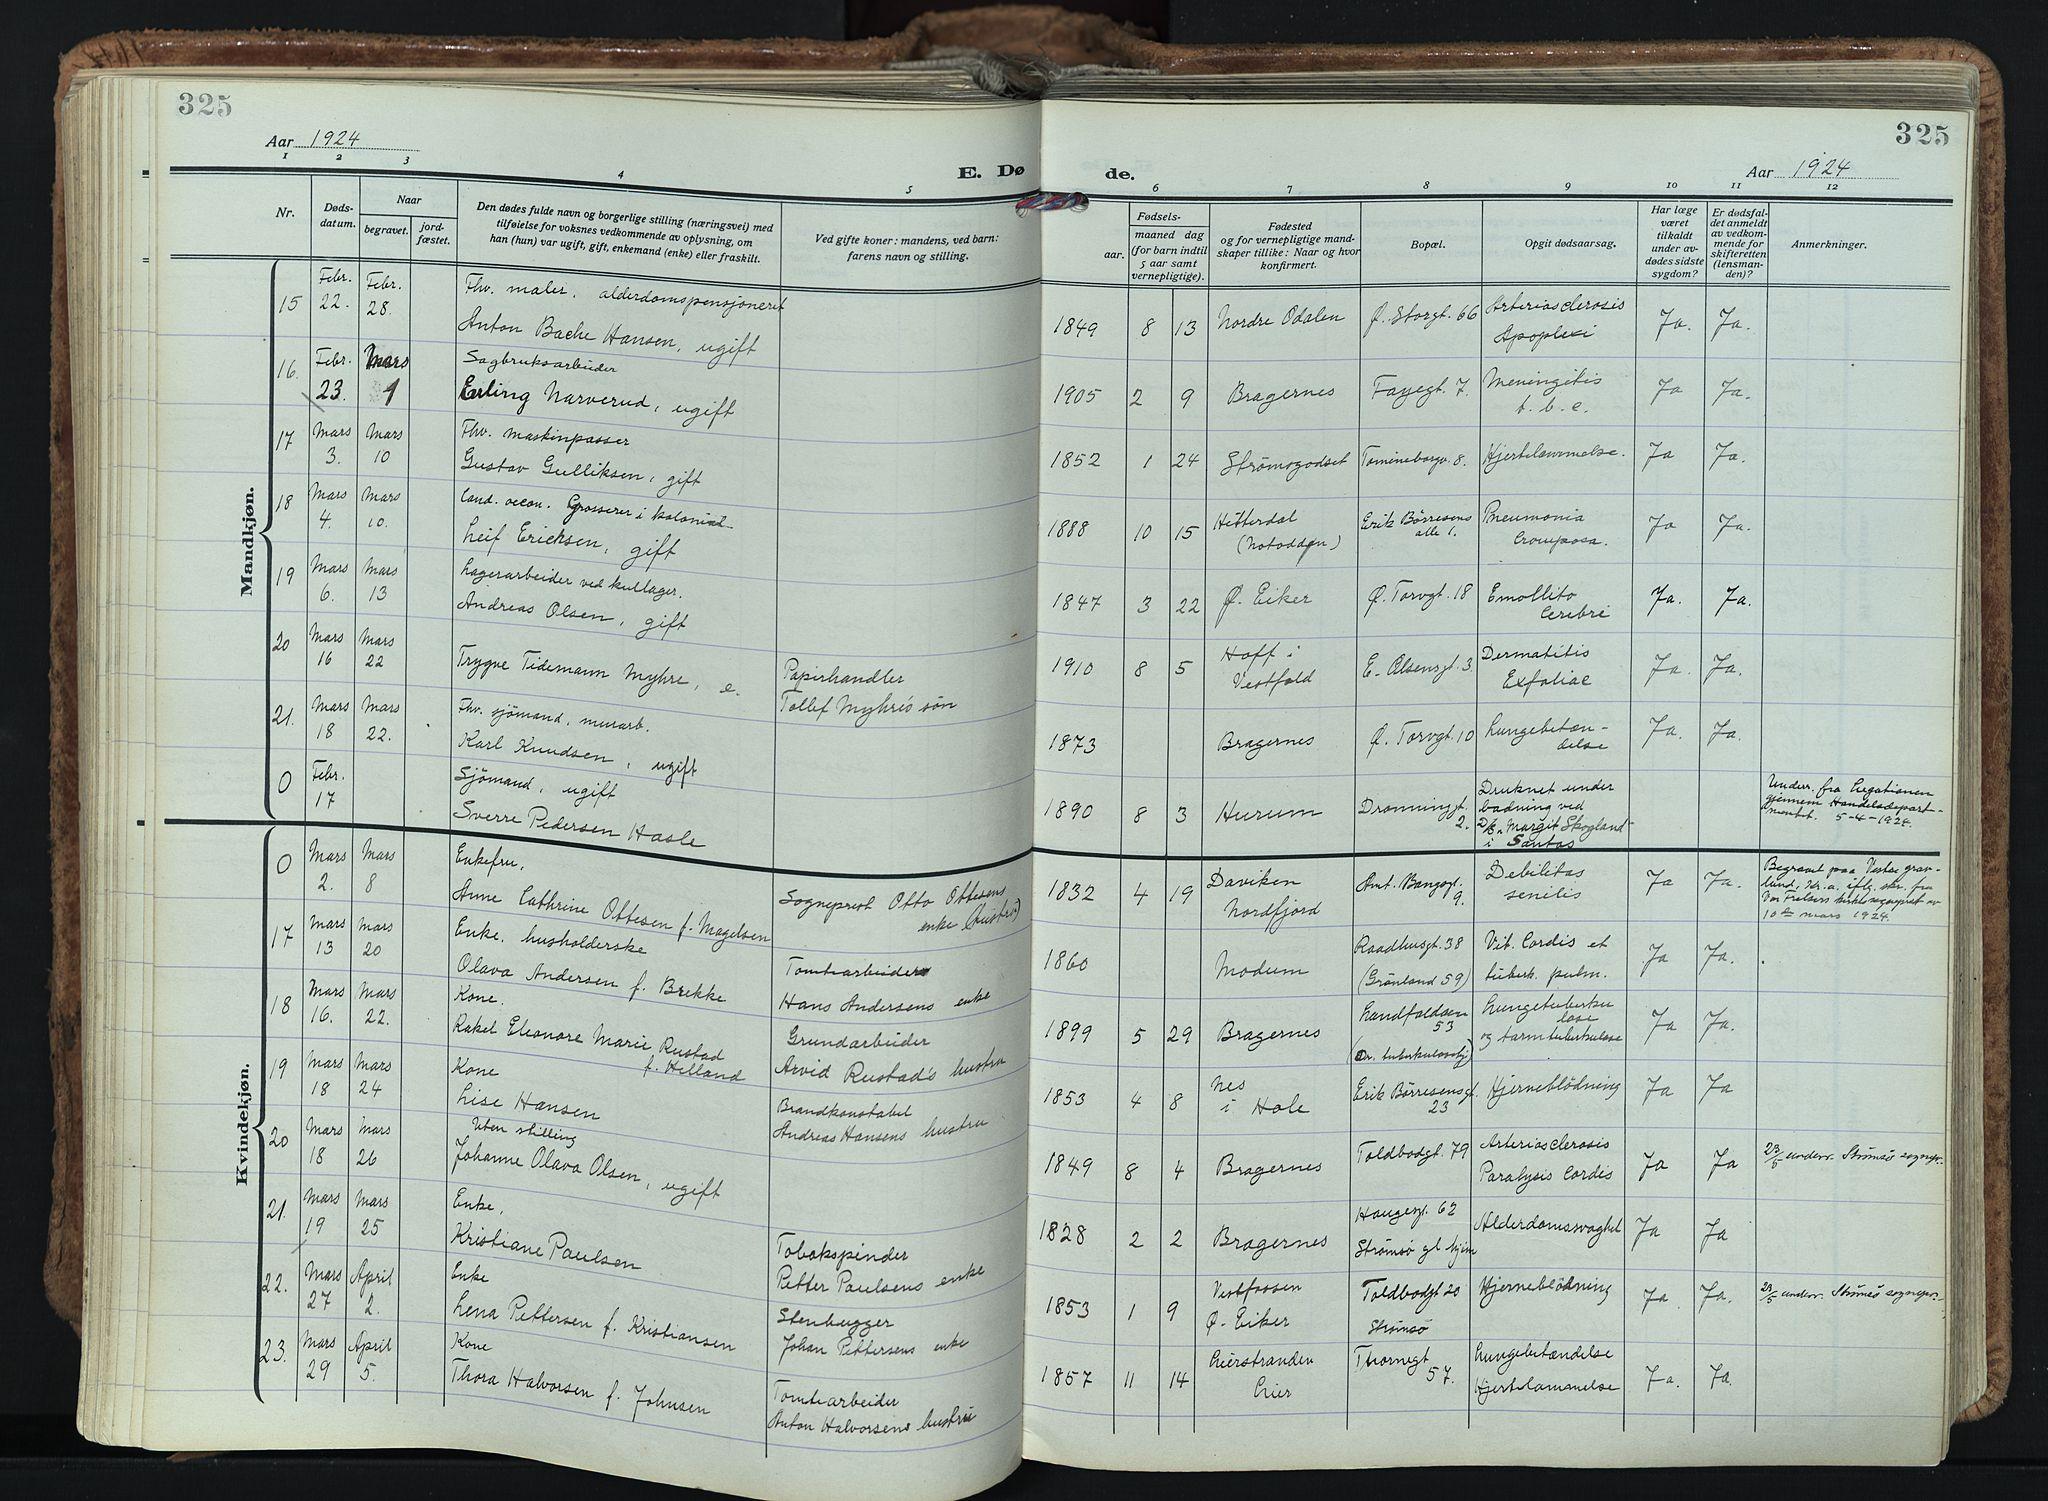 SAKO, Bragernes kirkebøker, F/Fb/L0011: Ministerialbok nr. II 11, 1922-1945, s. 325